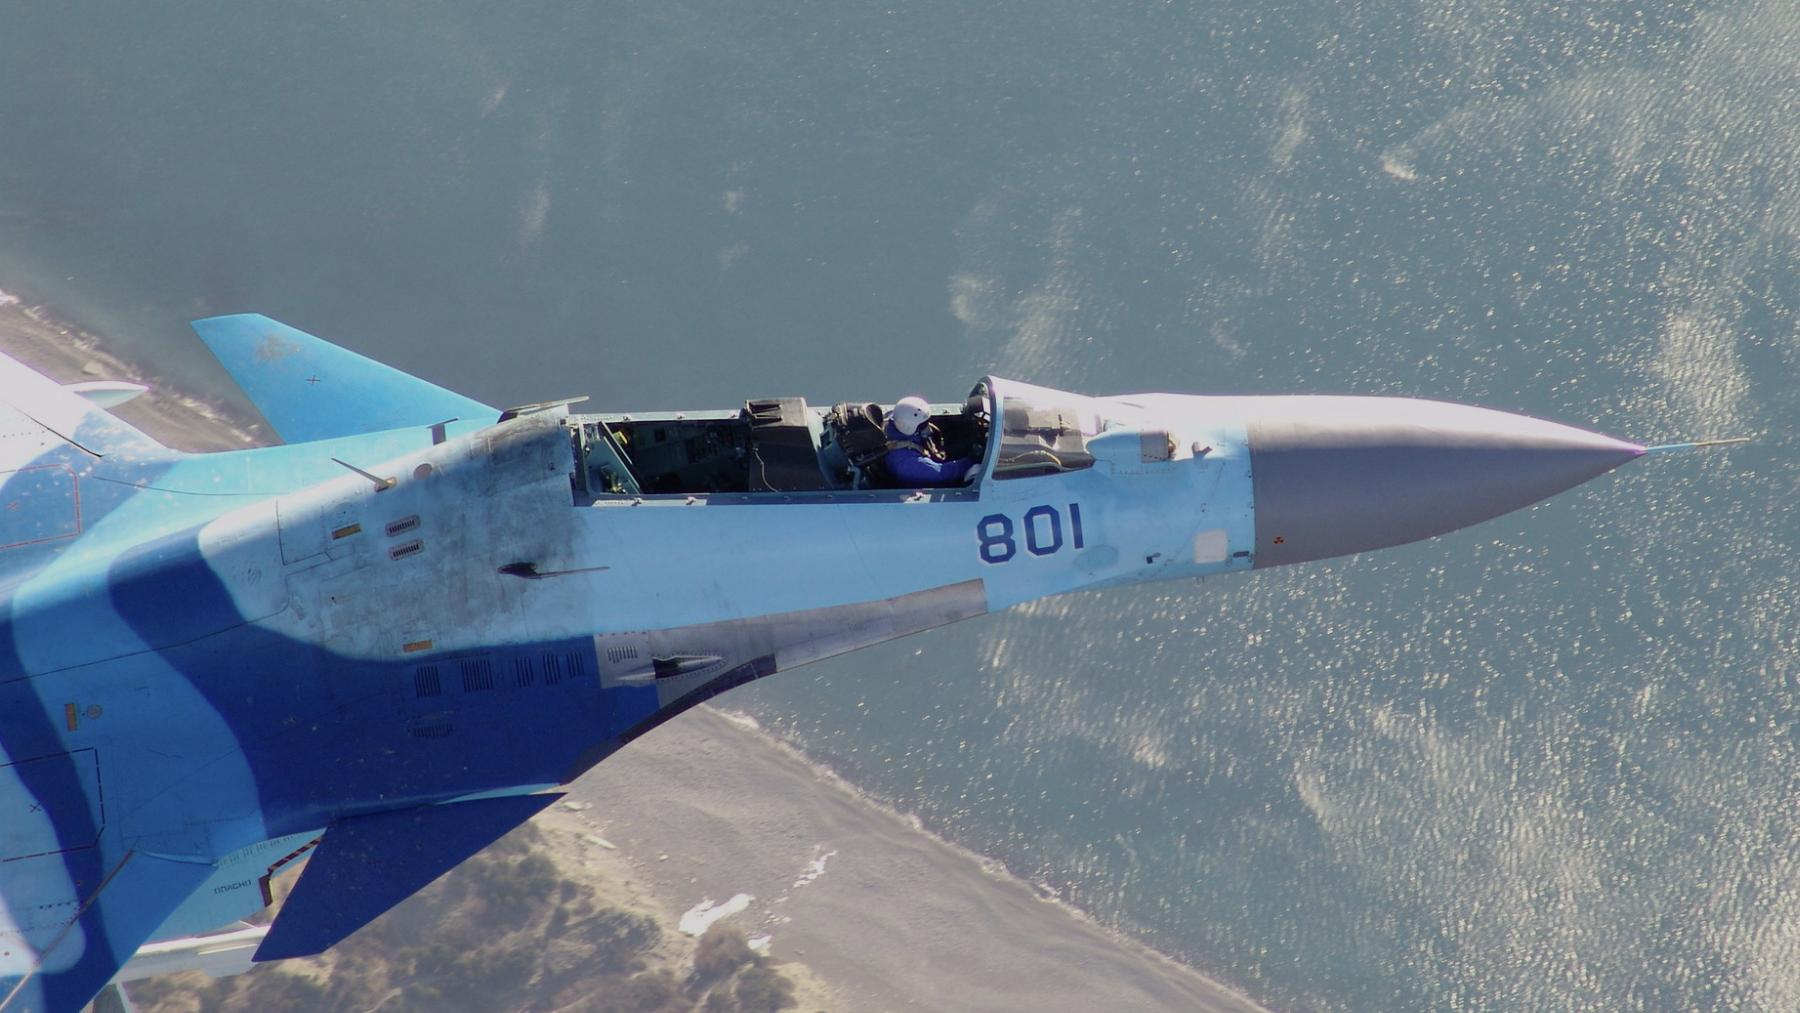 """硬核!俄罗斯空军倒飞拦截美军飞机,还认为美军抗议""""小题大做"""""""